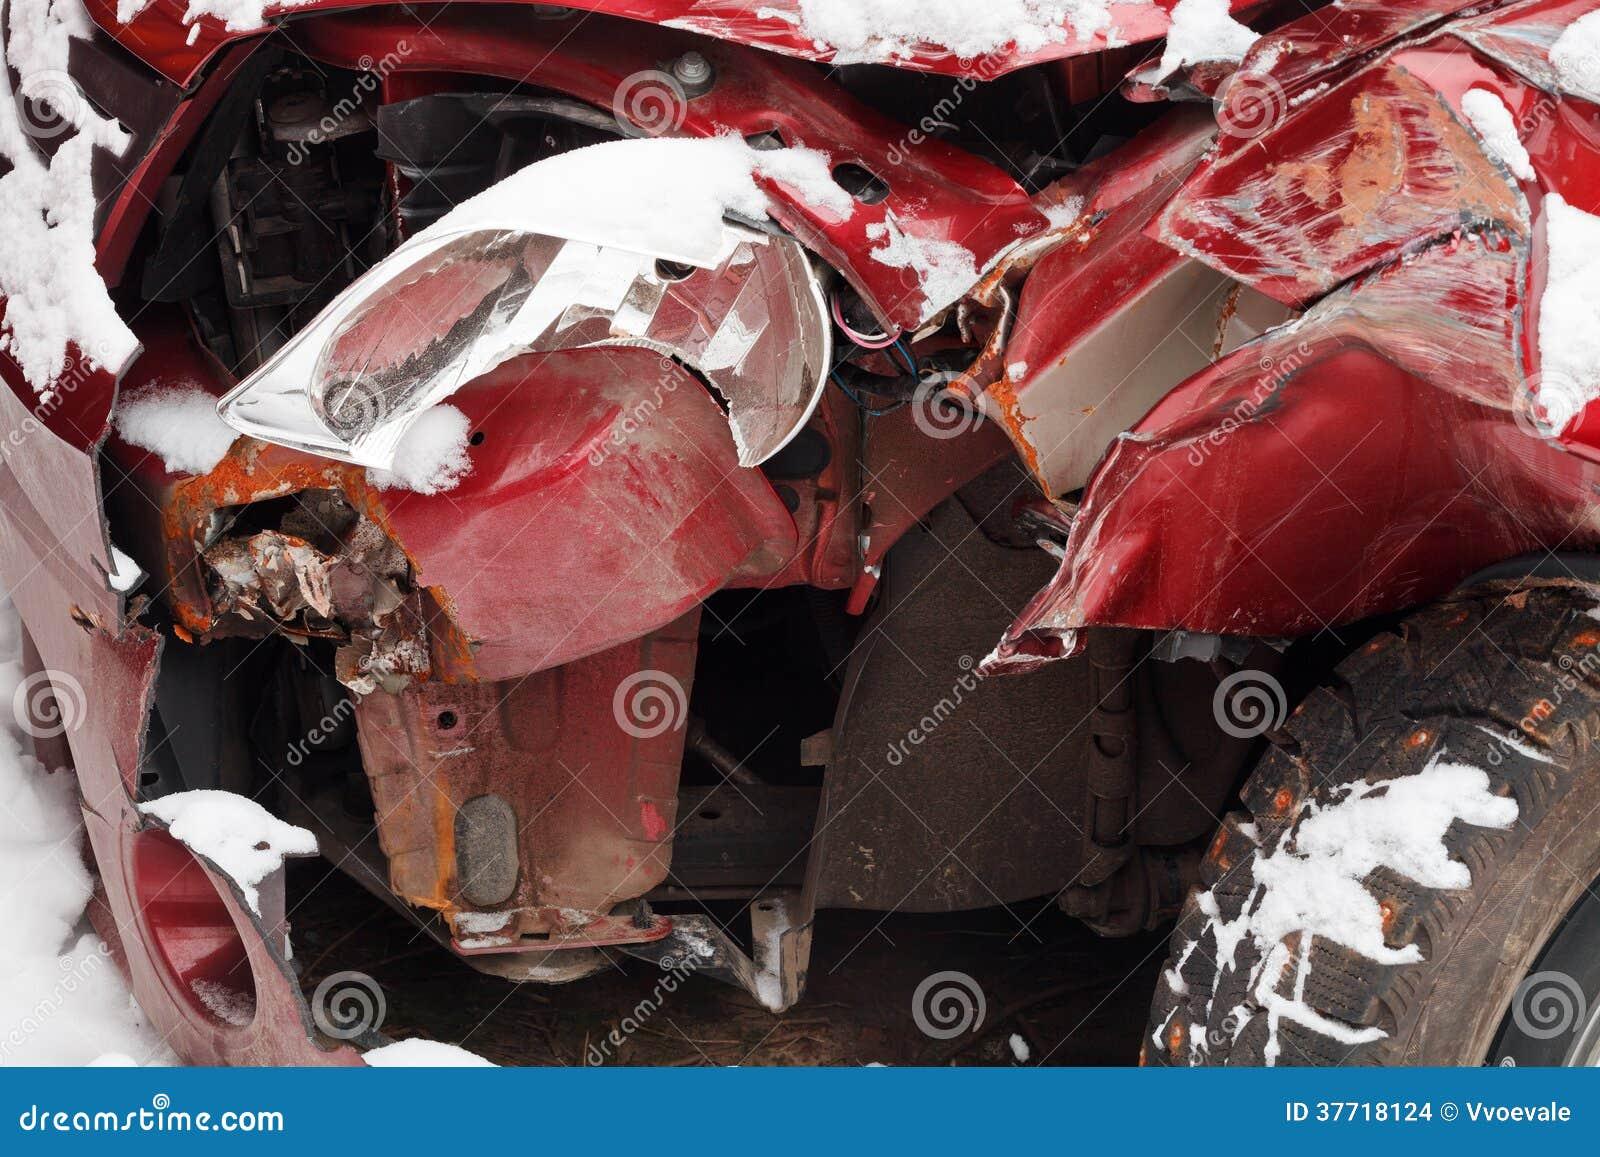 voiture chiffonn e apr s accident de la circulation d 39 hiver photo stock image 37718124. Black Bedroom Furniture Sets. Home Design Ideas